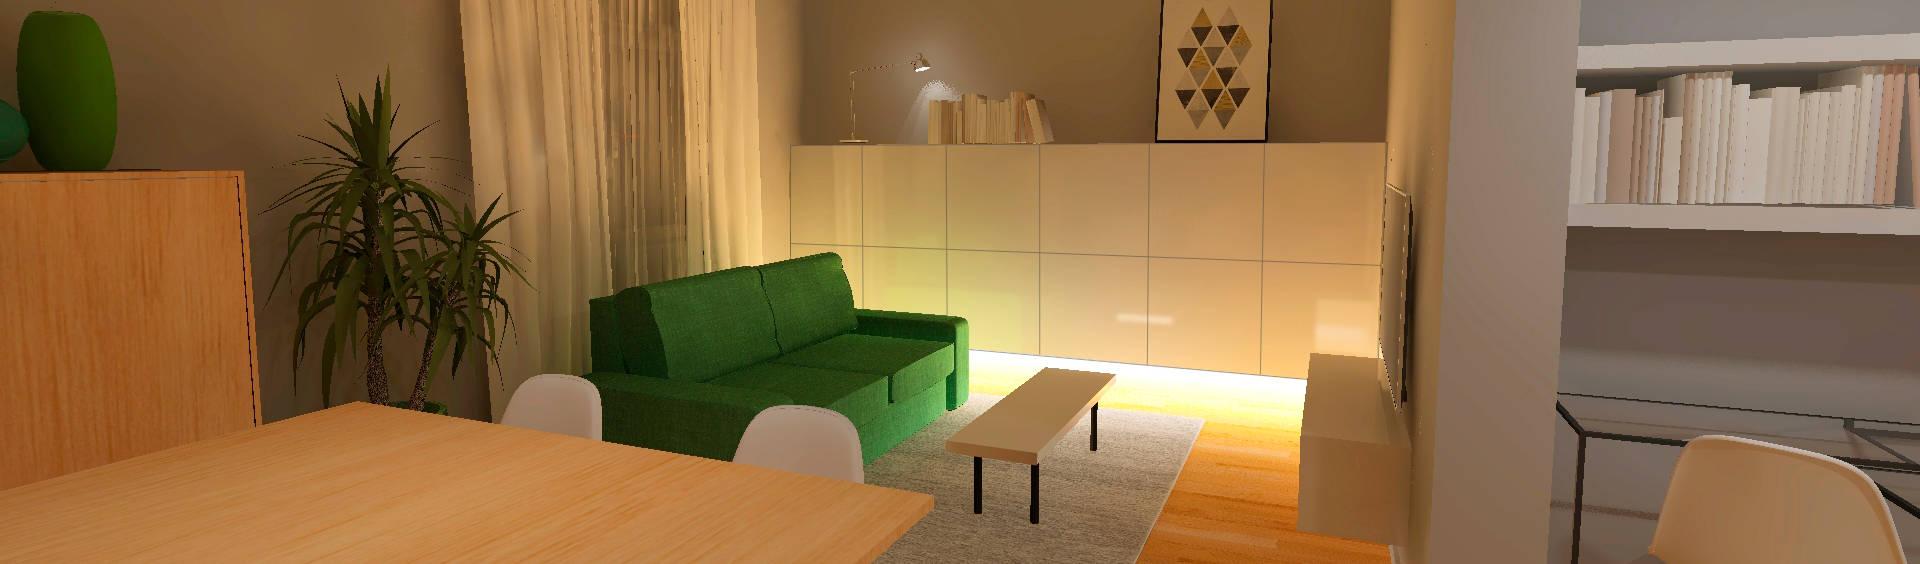 dM arquitetura & interiores